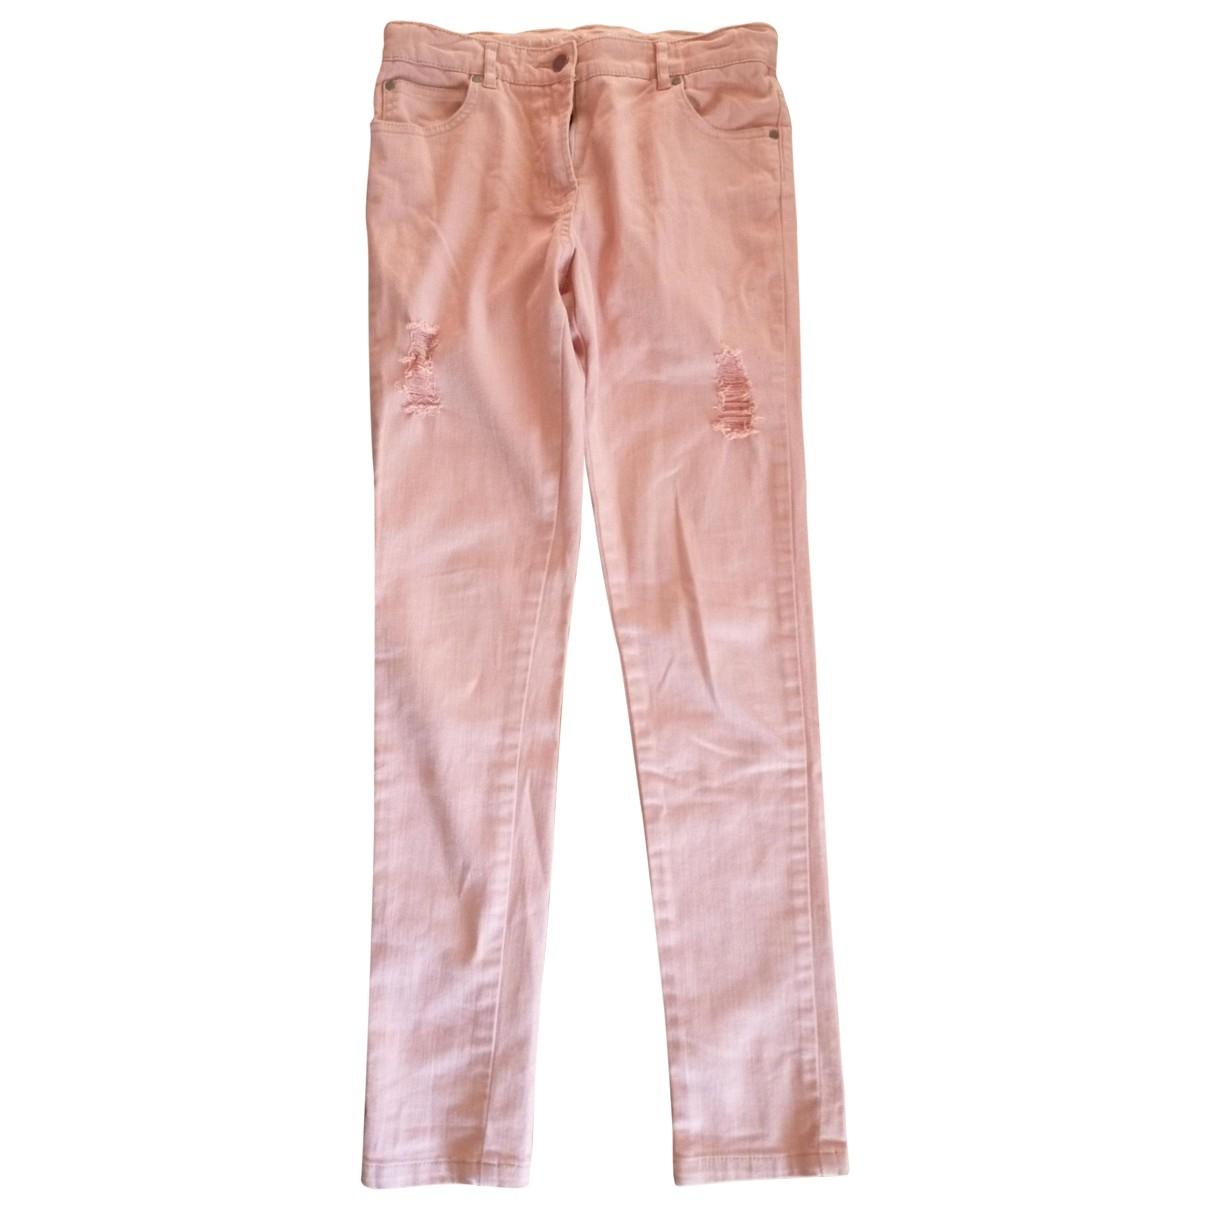 Stella Mccartney - Pantalon   pour enfant en coton - rose